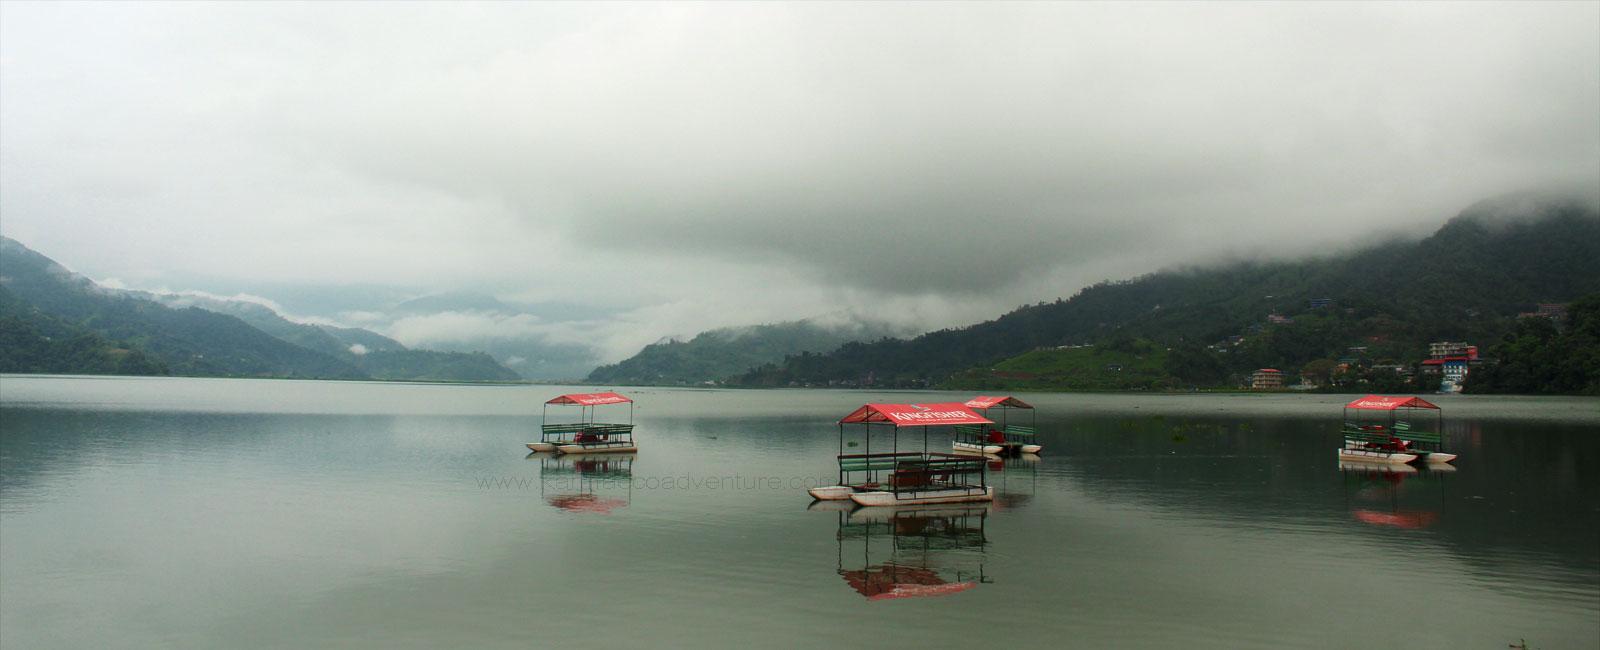 Best Season to Visit in Nepal